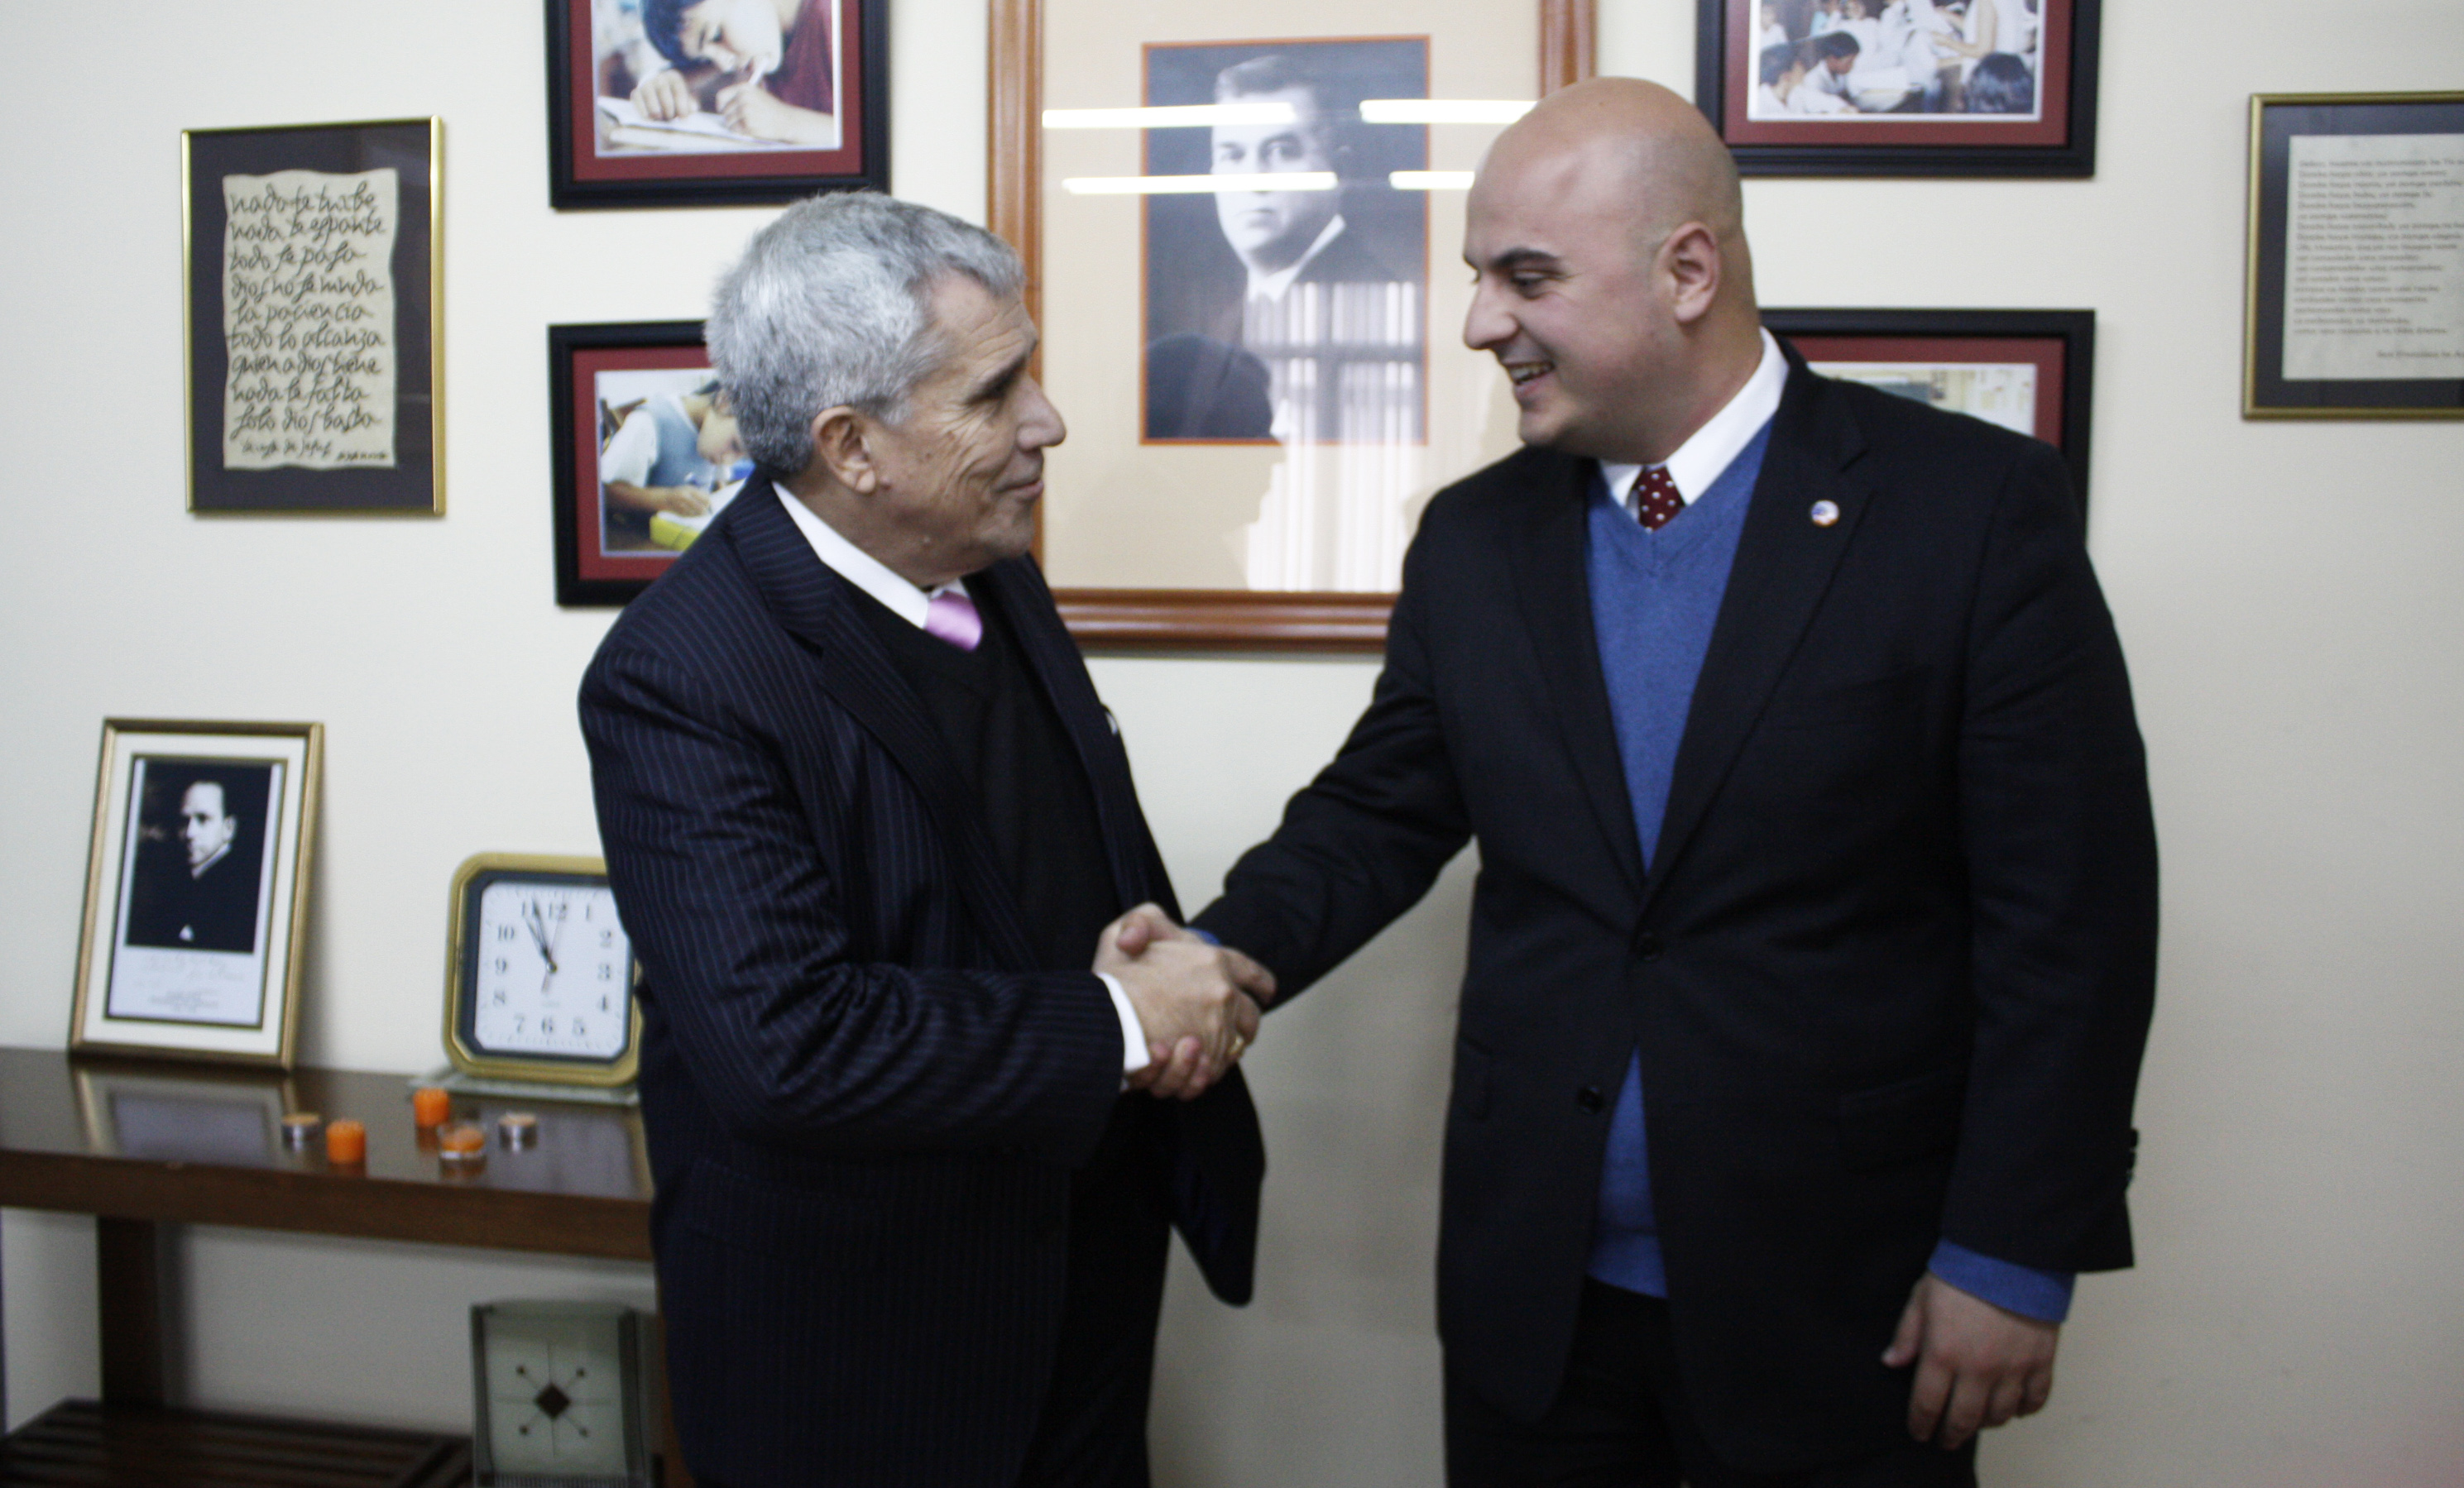 Peter & Horacio reunion 2, ph.2